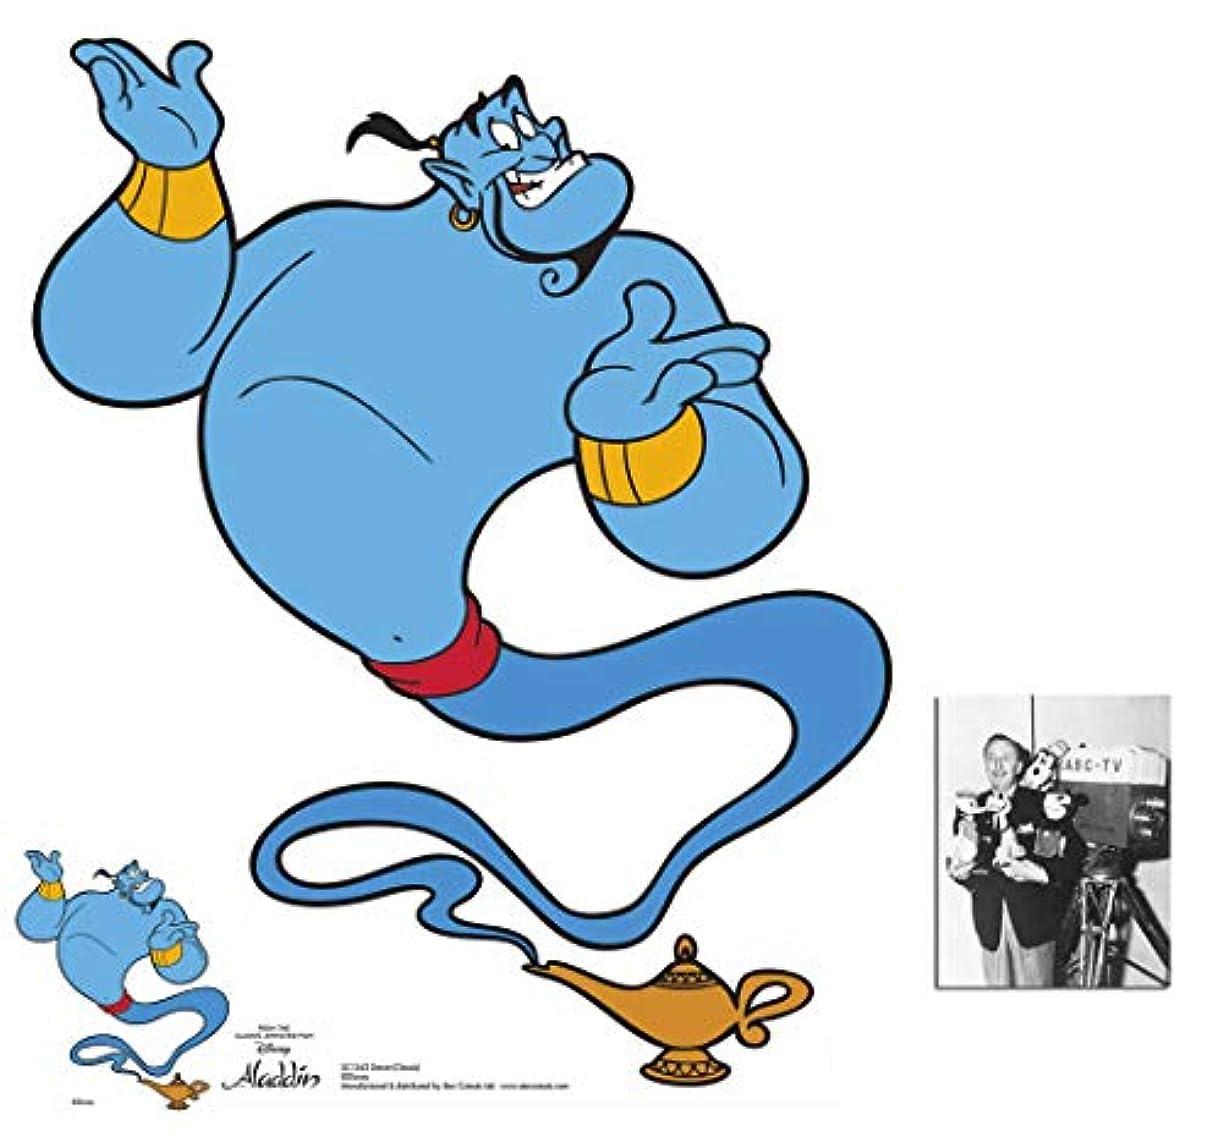 Aladdin Genie クラシック公式ディズニー ライフサイズ 段ボールカットアウト/スタンドファンパック 88cm x 72cm 無料のミニカットアウトと8x10の写真付き